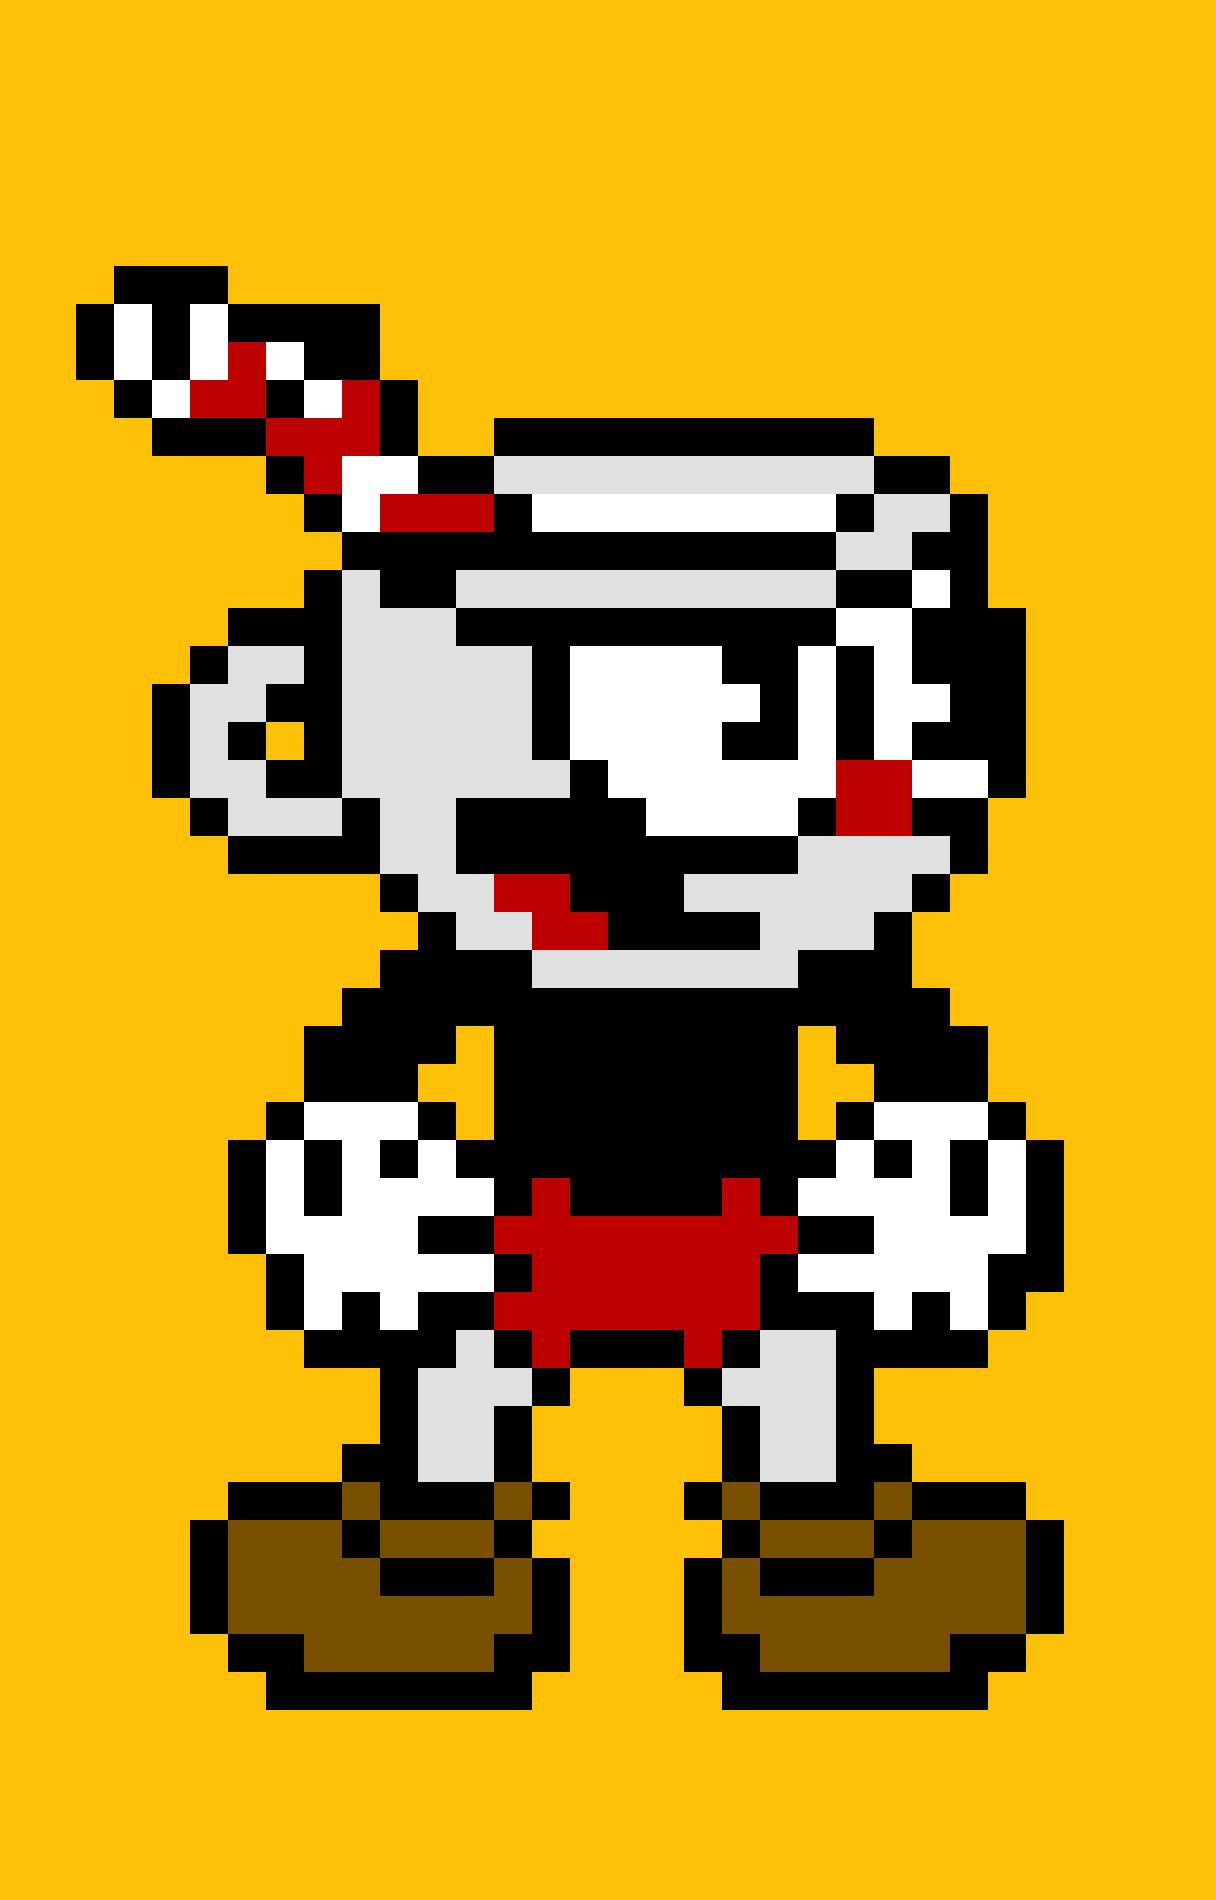 Cuphead Pixel Art